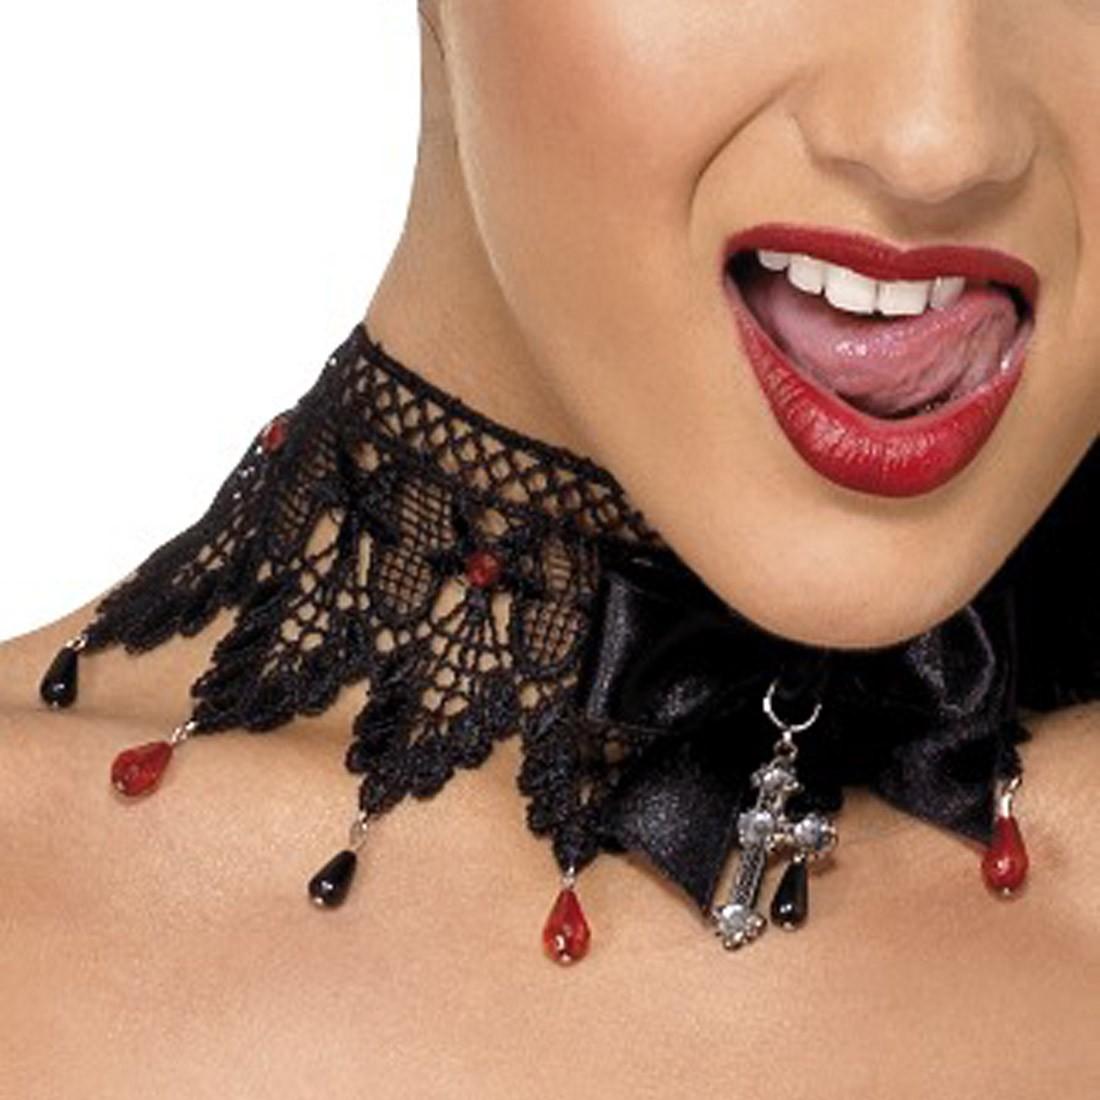 Gothic Barock Halskette Strass Halsband schwarz rot Collier Kette ...